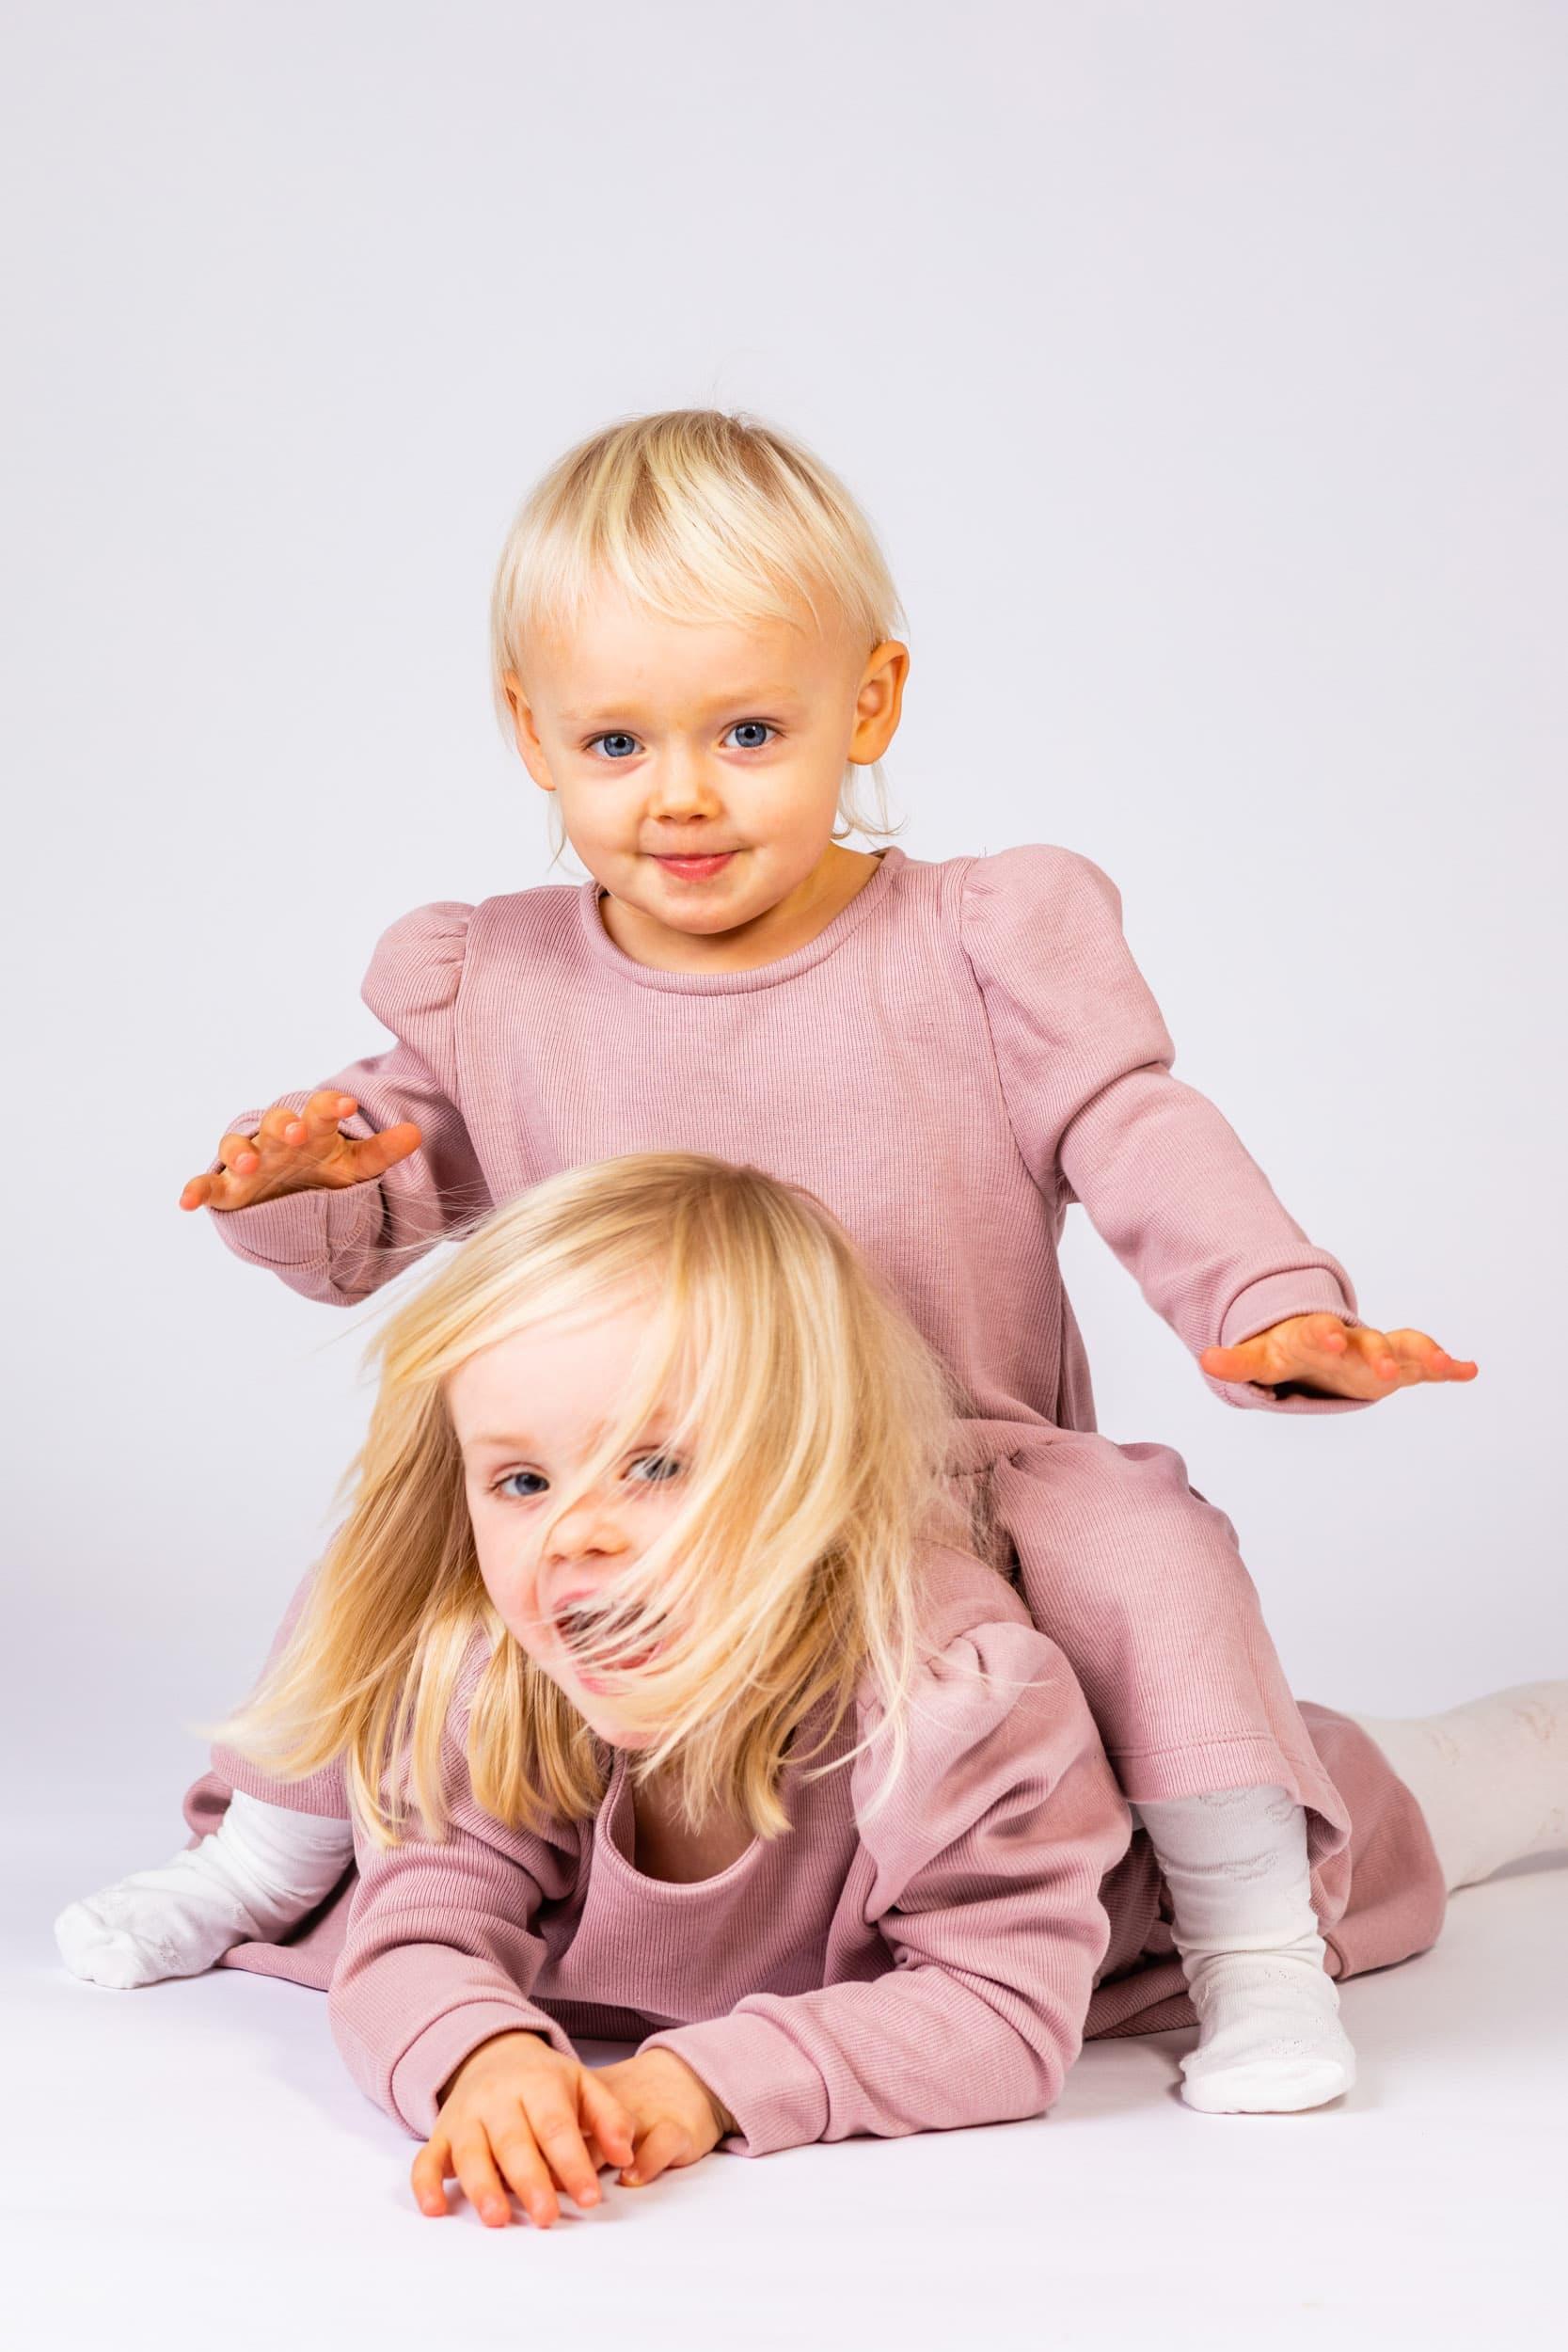 Fotograf billeder af børn – del 1